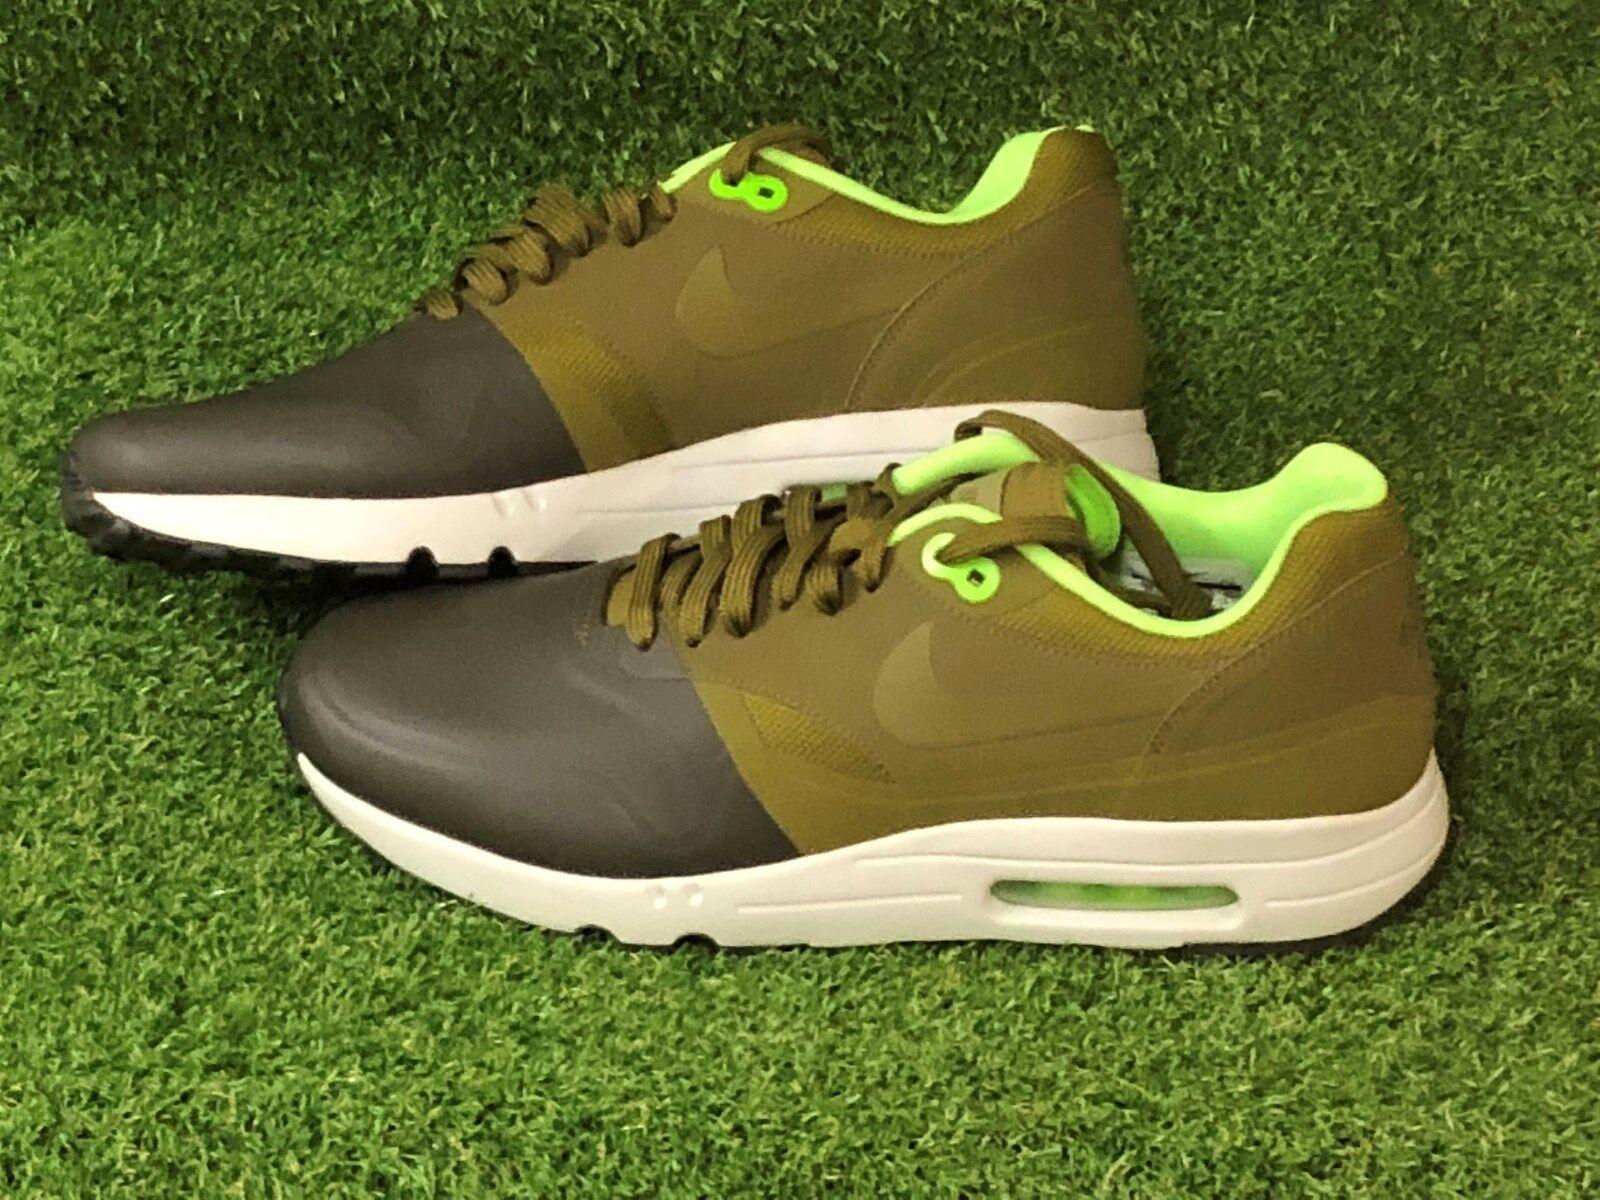 NIKE Air Max Sneaker 1 ULTRA 2.0 se Sneaker Max Scarpe da uomo [875845 300] NUOVO 3fc9d9